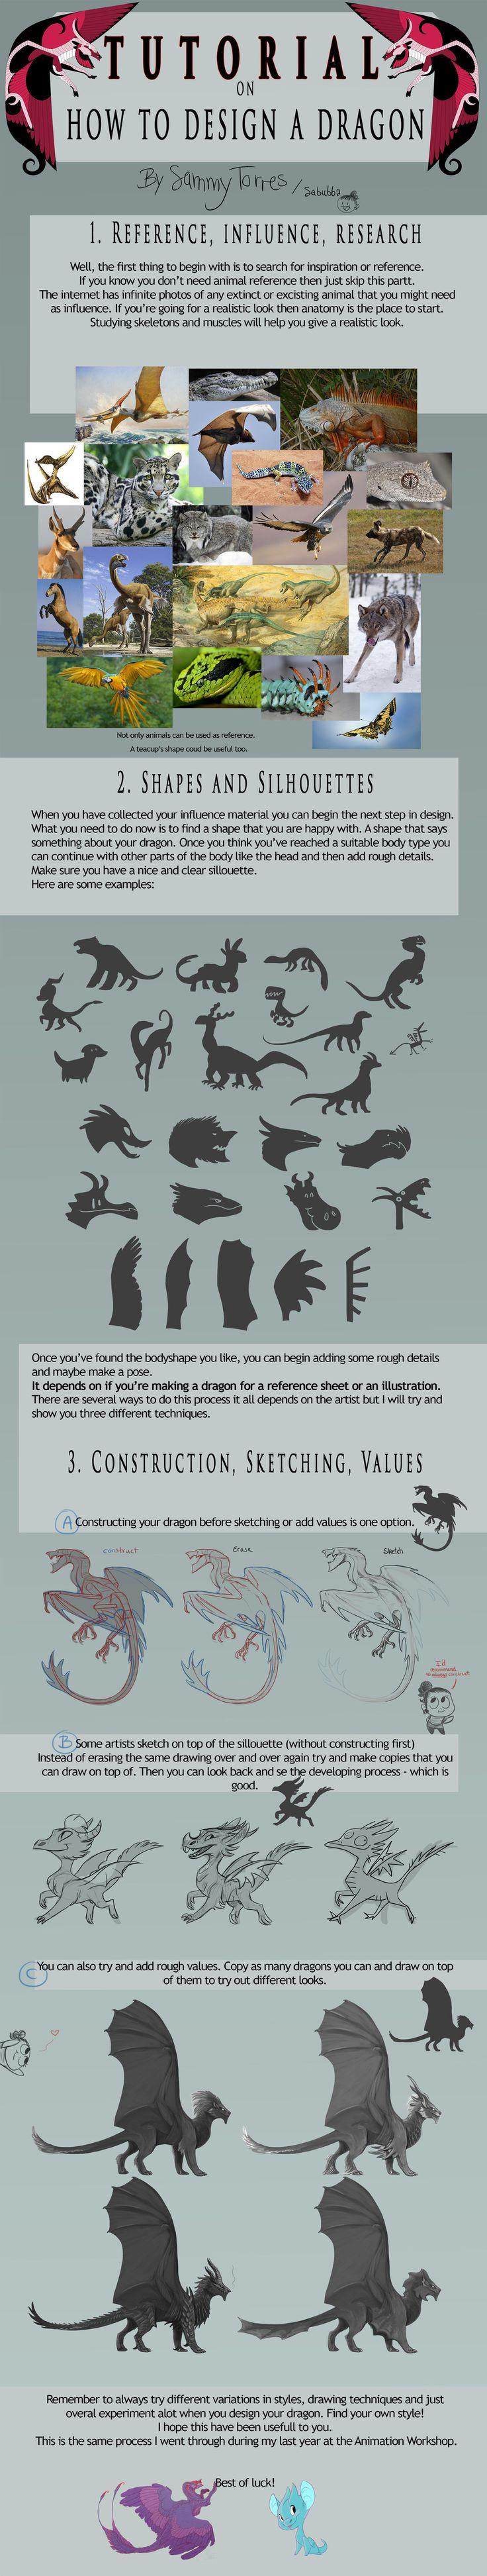 Tutorial: How To Design A Dragon By Sammytorresiantart On  @deviantart